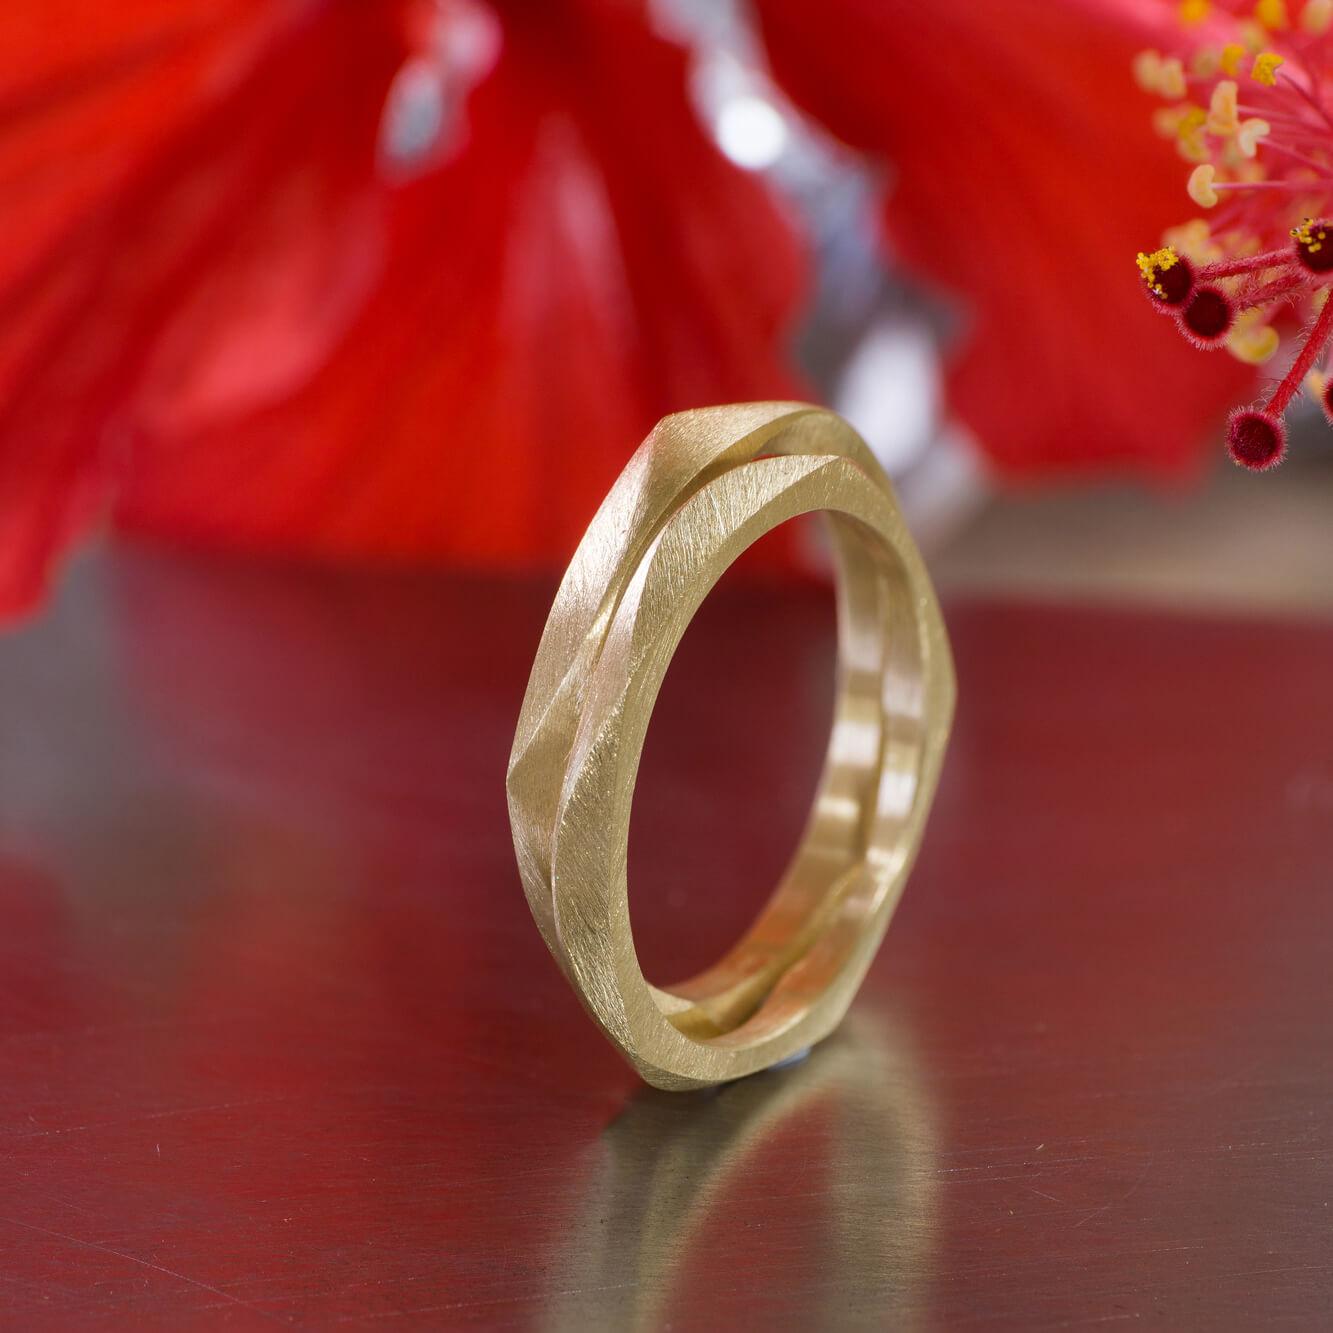 屋久島のハイビスカスと 場面2 オーダーメイドマリッジリング ジュエリーのアトリエに指輪 ゴールド 屋久島で作る結婚指輪 屋久島花とジュエリー